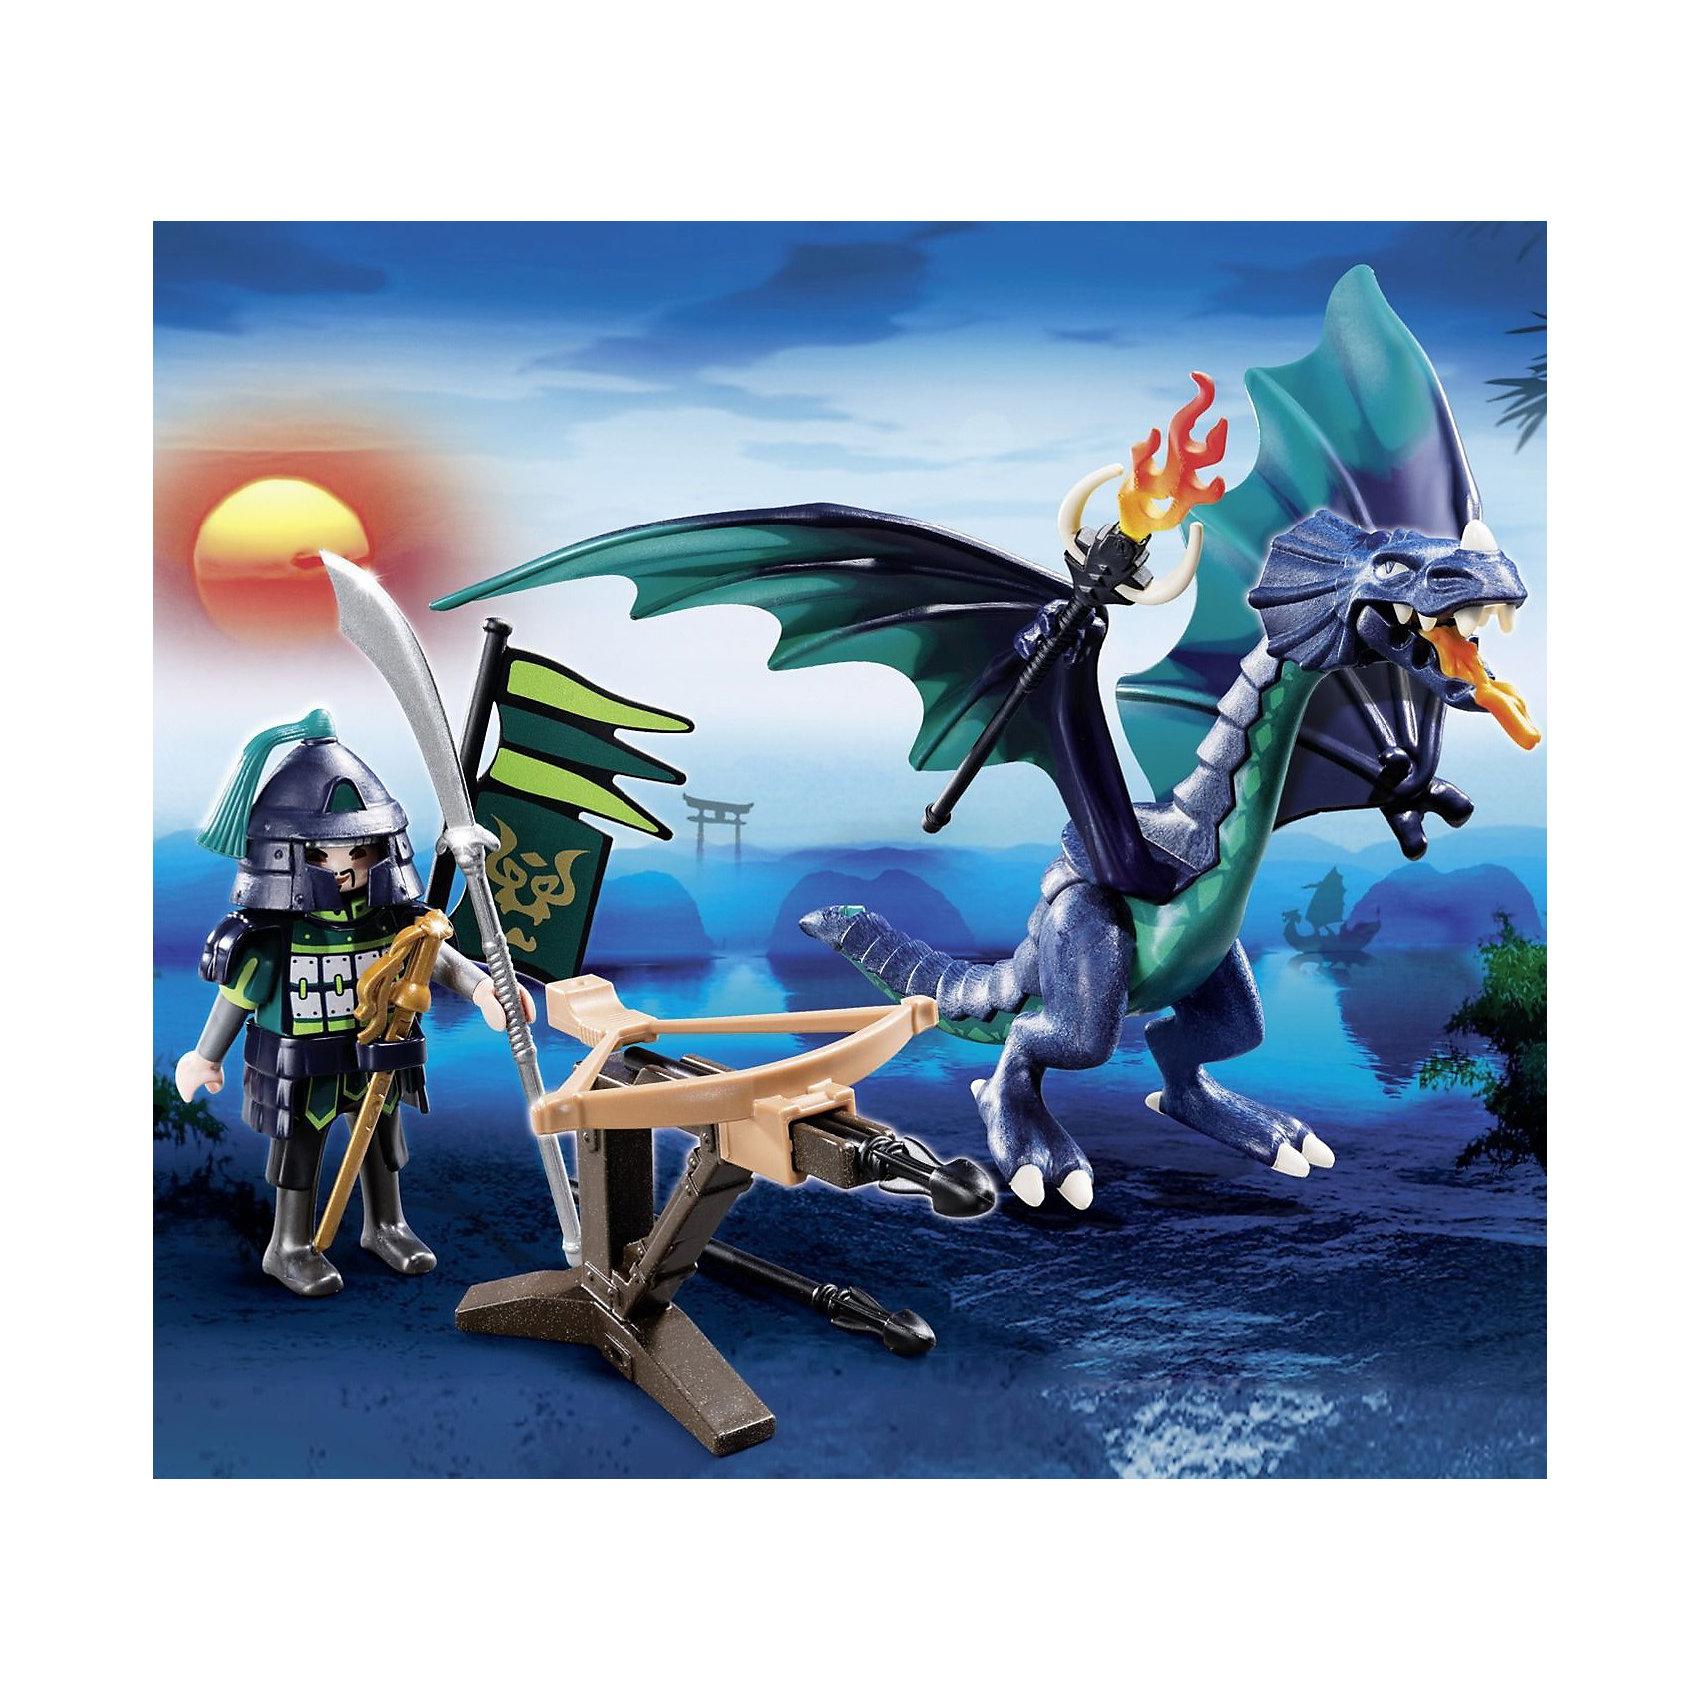 PLAYMOBIL  5484 Азиатский дракон: Дракон в броне«Азиатский дракон: Дракон в броне» – оригинальная игрушка для ребенка, жаждущего приключений<br>«Азиатский дракон: Дракон в броне» от Playmobil (Плеймобил) станет интересным и желанным подарком для ребенка. <br>Ведь с ним он сможет представить себя участником захватывающих приключений средневековья, как в борьбе с драконом, так и воображая его своим товарищем. <br>Набор включает в себя девять игрушек, а именно дракона, рыцаря в доспехах, его меч и алебарду, флаг, факел, большой боевой арбалет на подставке и две стрелы для него.  <br>Рыцаря можно посадить на спину дракона, он будет удерживаться, упираясь ногами в крылья ящера. <br>У дракона подвижны конечности: голова, ноги, лапы, крылья, также он может переносить в своих лапах факел и оружие. <br>Из арбалета можно стрелять идущими в комплекте стрелами, действует он механически, батарейки для этого не понадобятся. <br>Конструкторы от Playmobil помогают ребенку развивать воображение и мелкую моторику, логическое мышление, фантазию, эмоциональное восприятие.<br><br>PLAYMOBIL  5484 Азиатский дракон: Дракон в броне можно купить в нашем магазине.<br><br>Ширина мм: 255<br>Глубина мм: 205<br>Высота мм: 78<br>Вес г: 196<br>Возраст от месяцев: 60<br>Возраст до месяцев: 144<br>Пол: Мужской<br>Возраст: Детский<br>SKU: 3101950